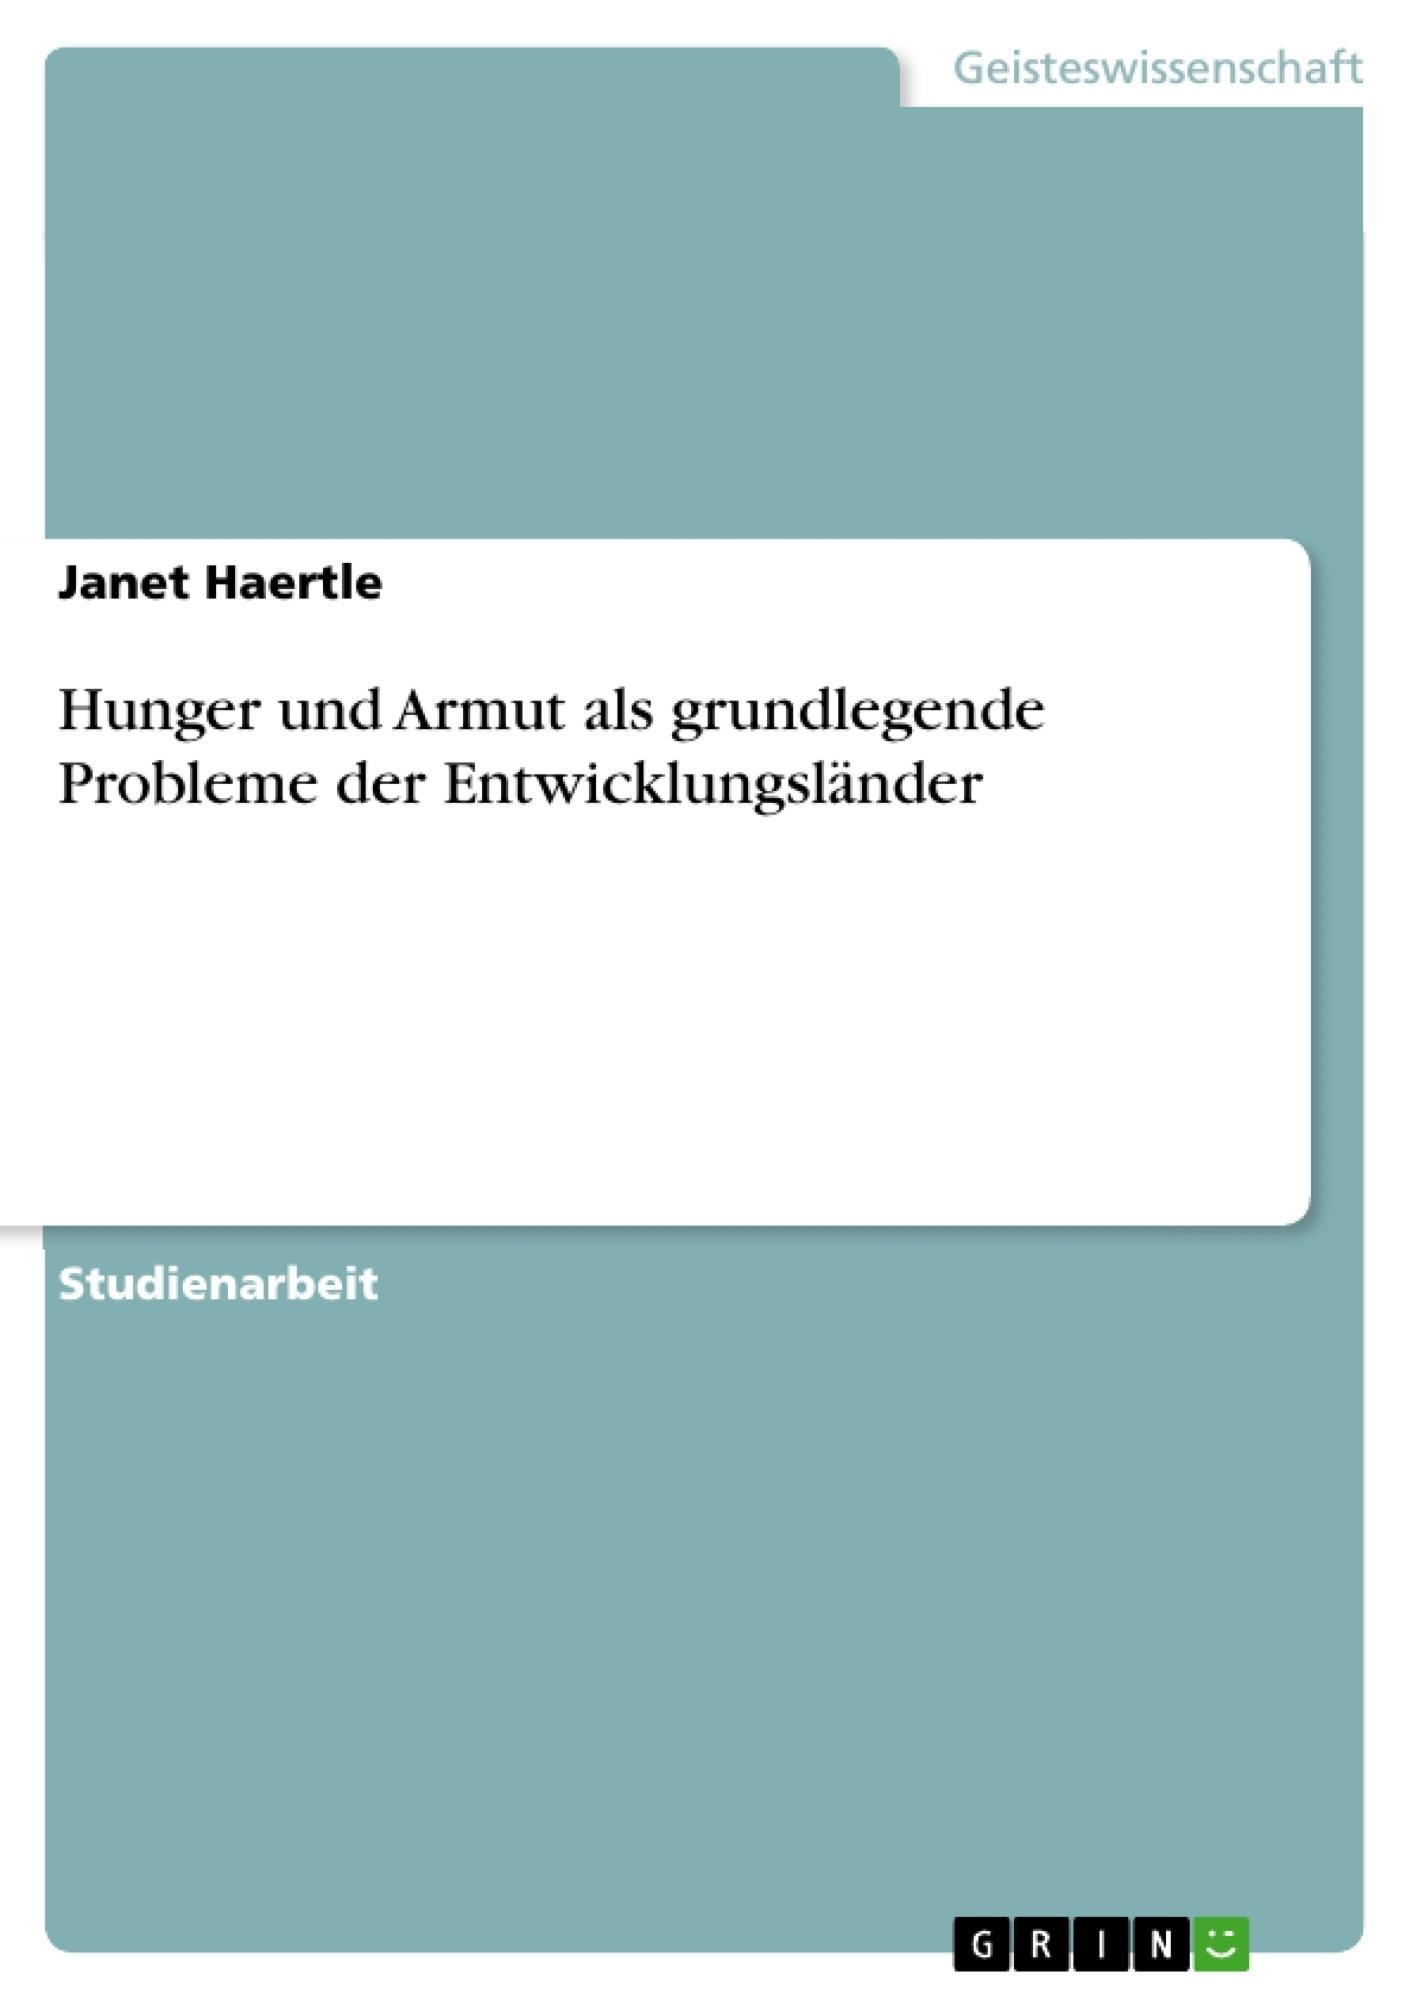 Titel: Hunger und Armut als grundlegende Probleme der Entwicklungsländer